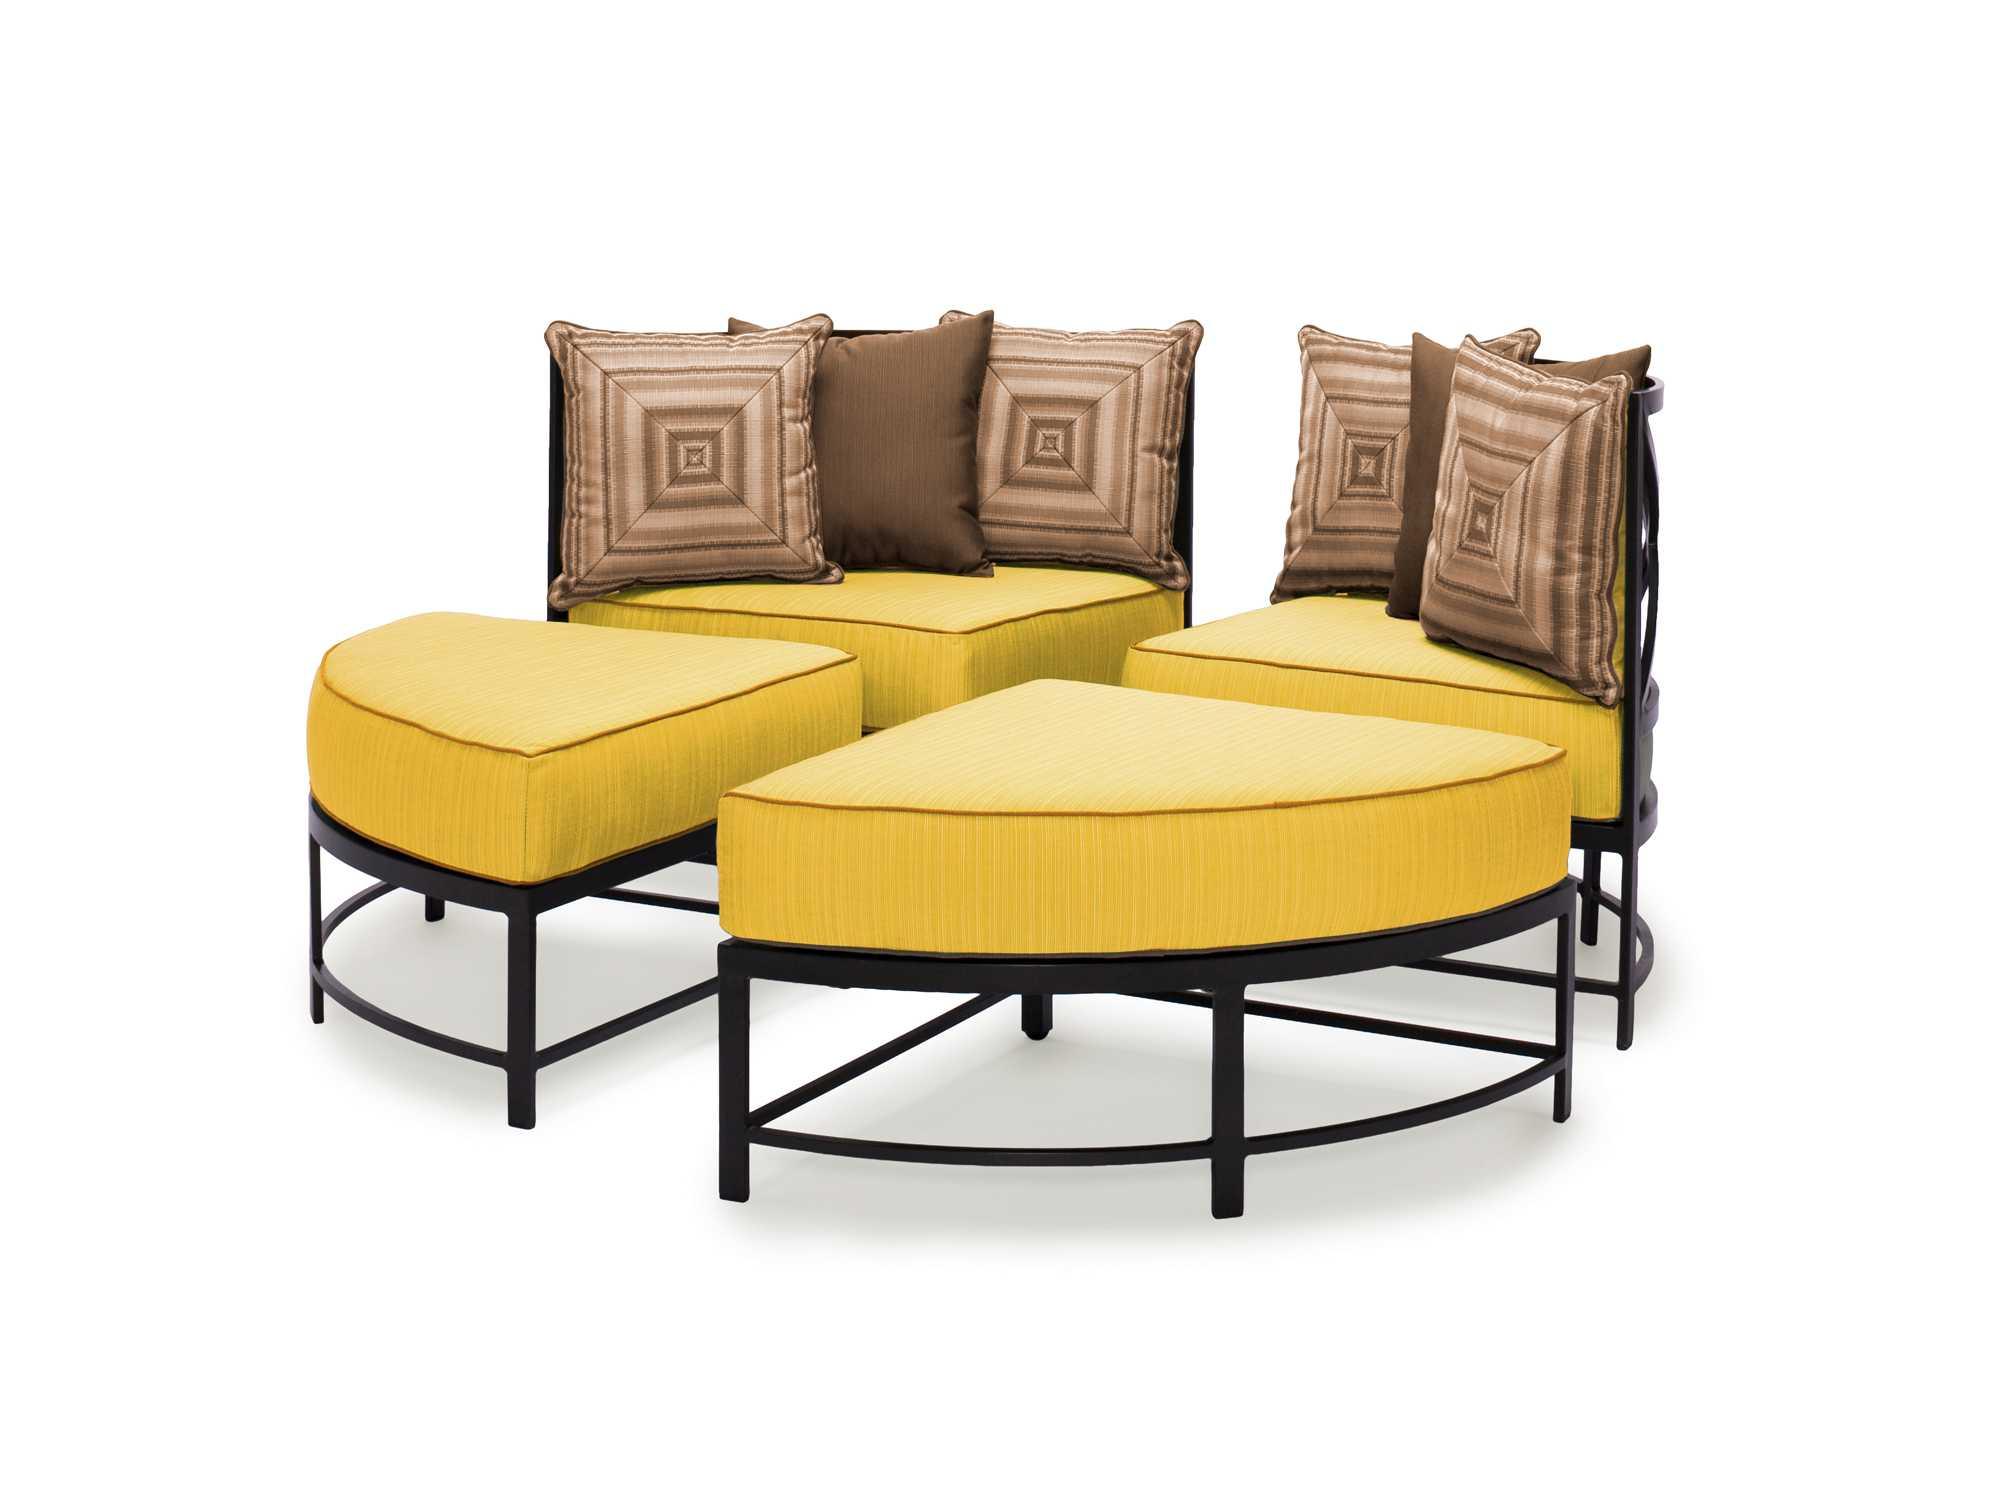 Caluco san michele aluminum conversation lounge cushion set 710 21rc - Conversation set replacement cushions ...